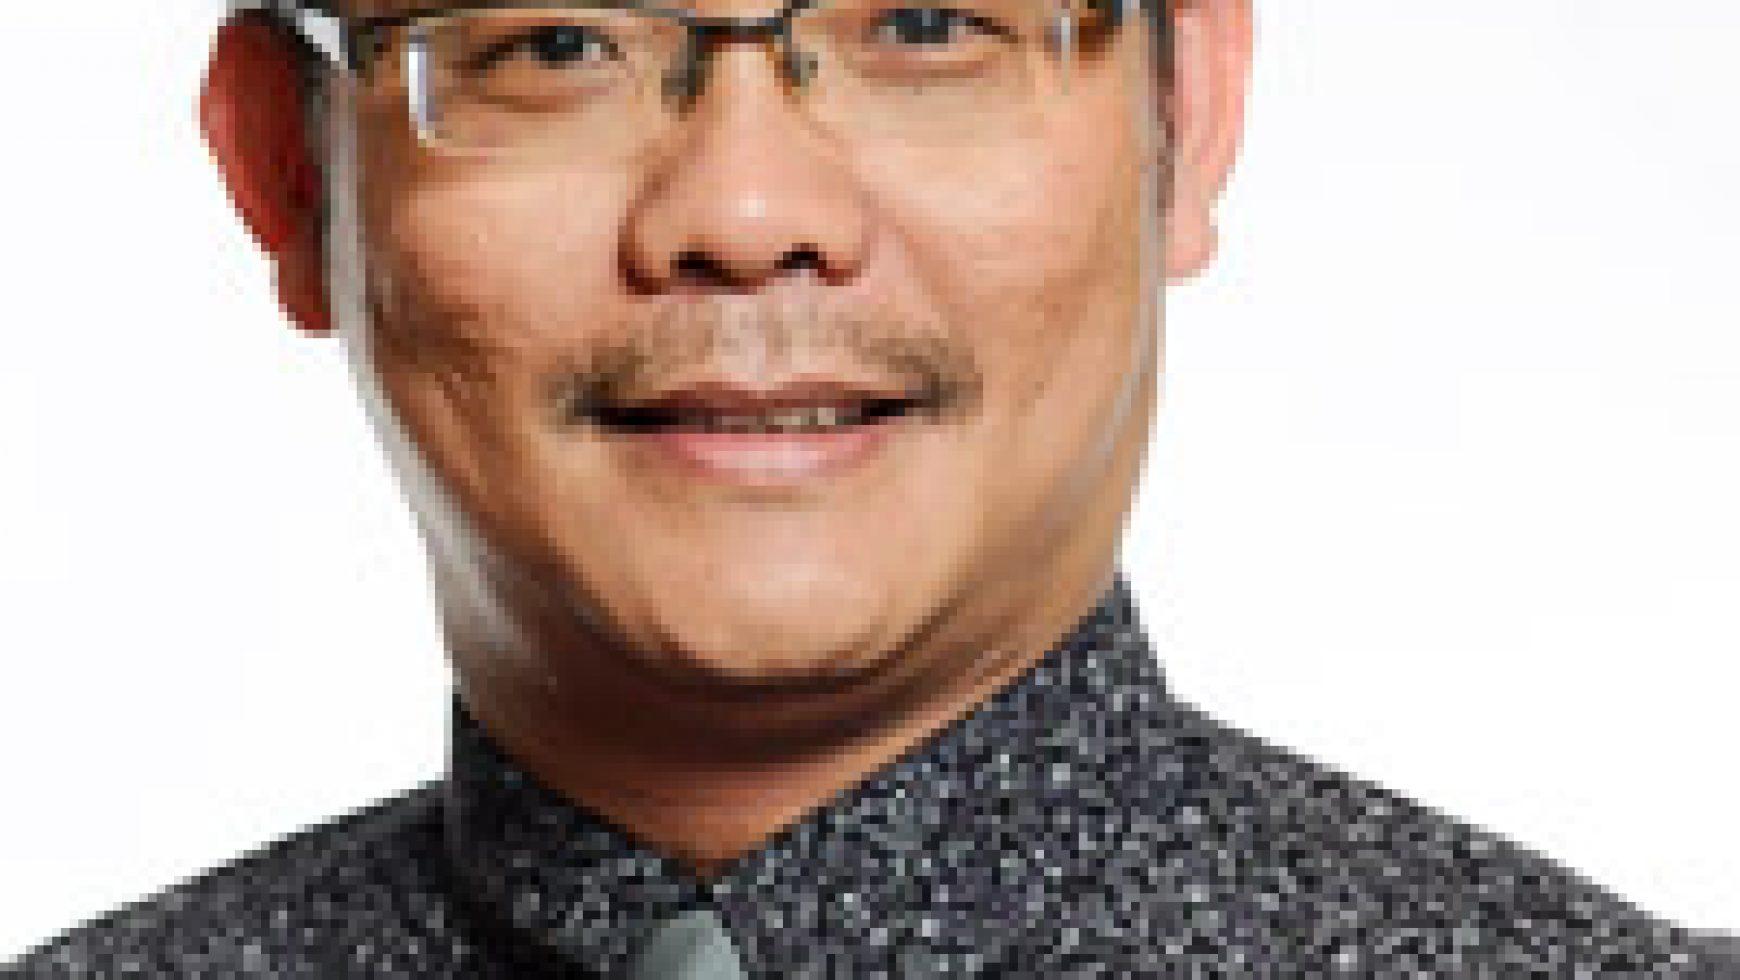 Chua Seng Lee